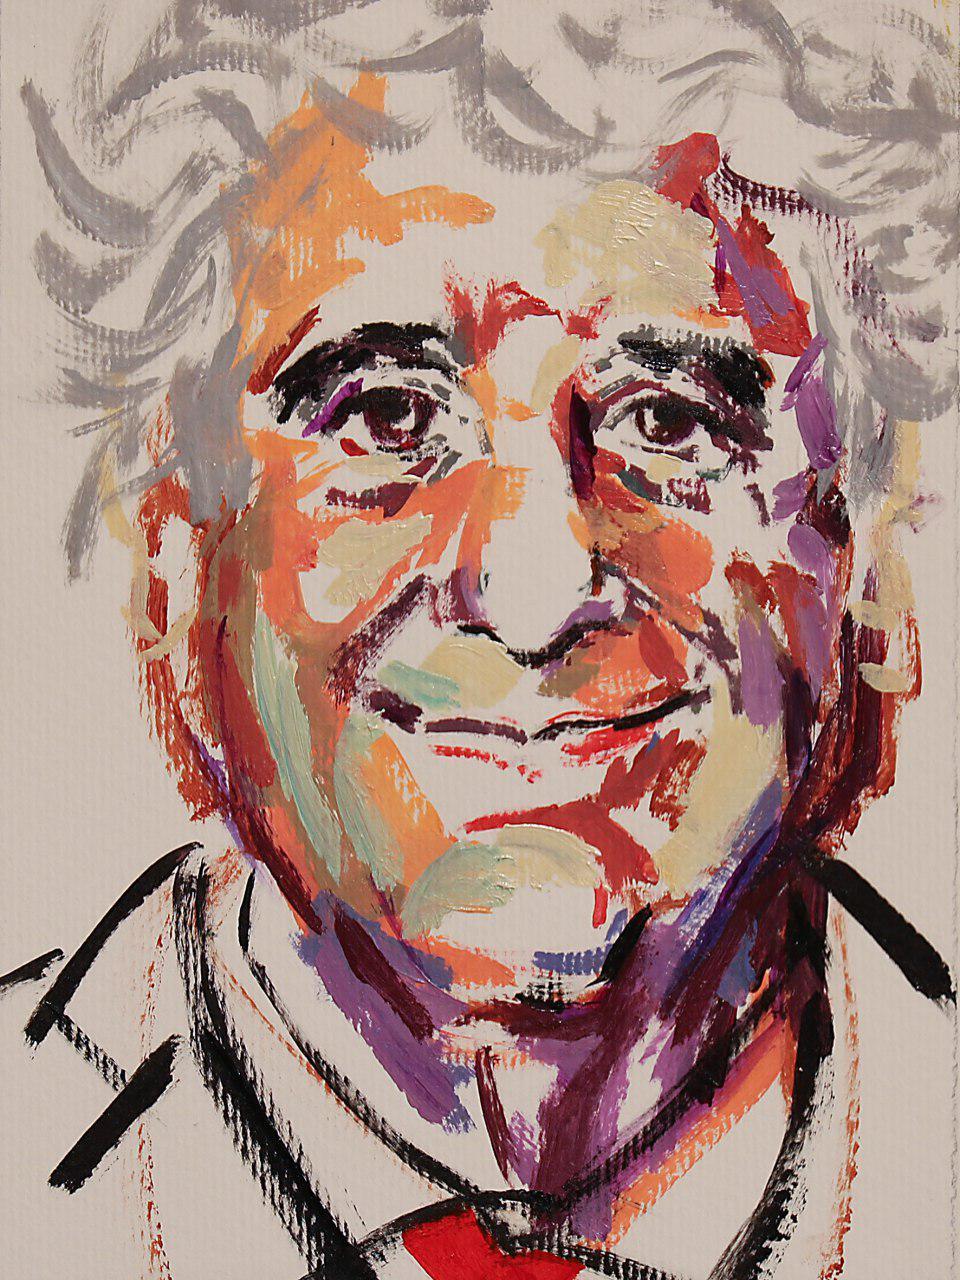 نمایشگاهی از نقاشی های یکصد پرتره مجموعه ای از آثار کوروش سرمدی